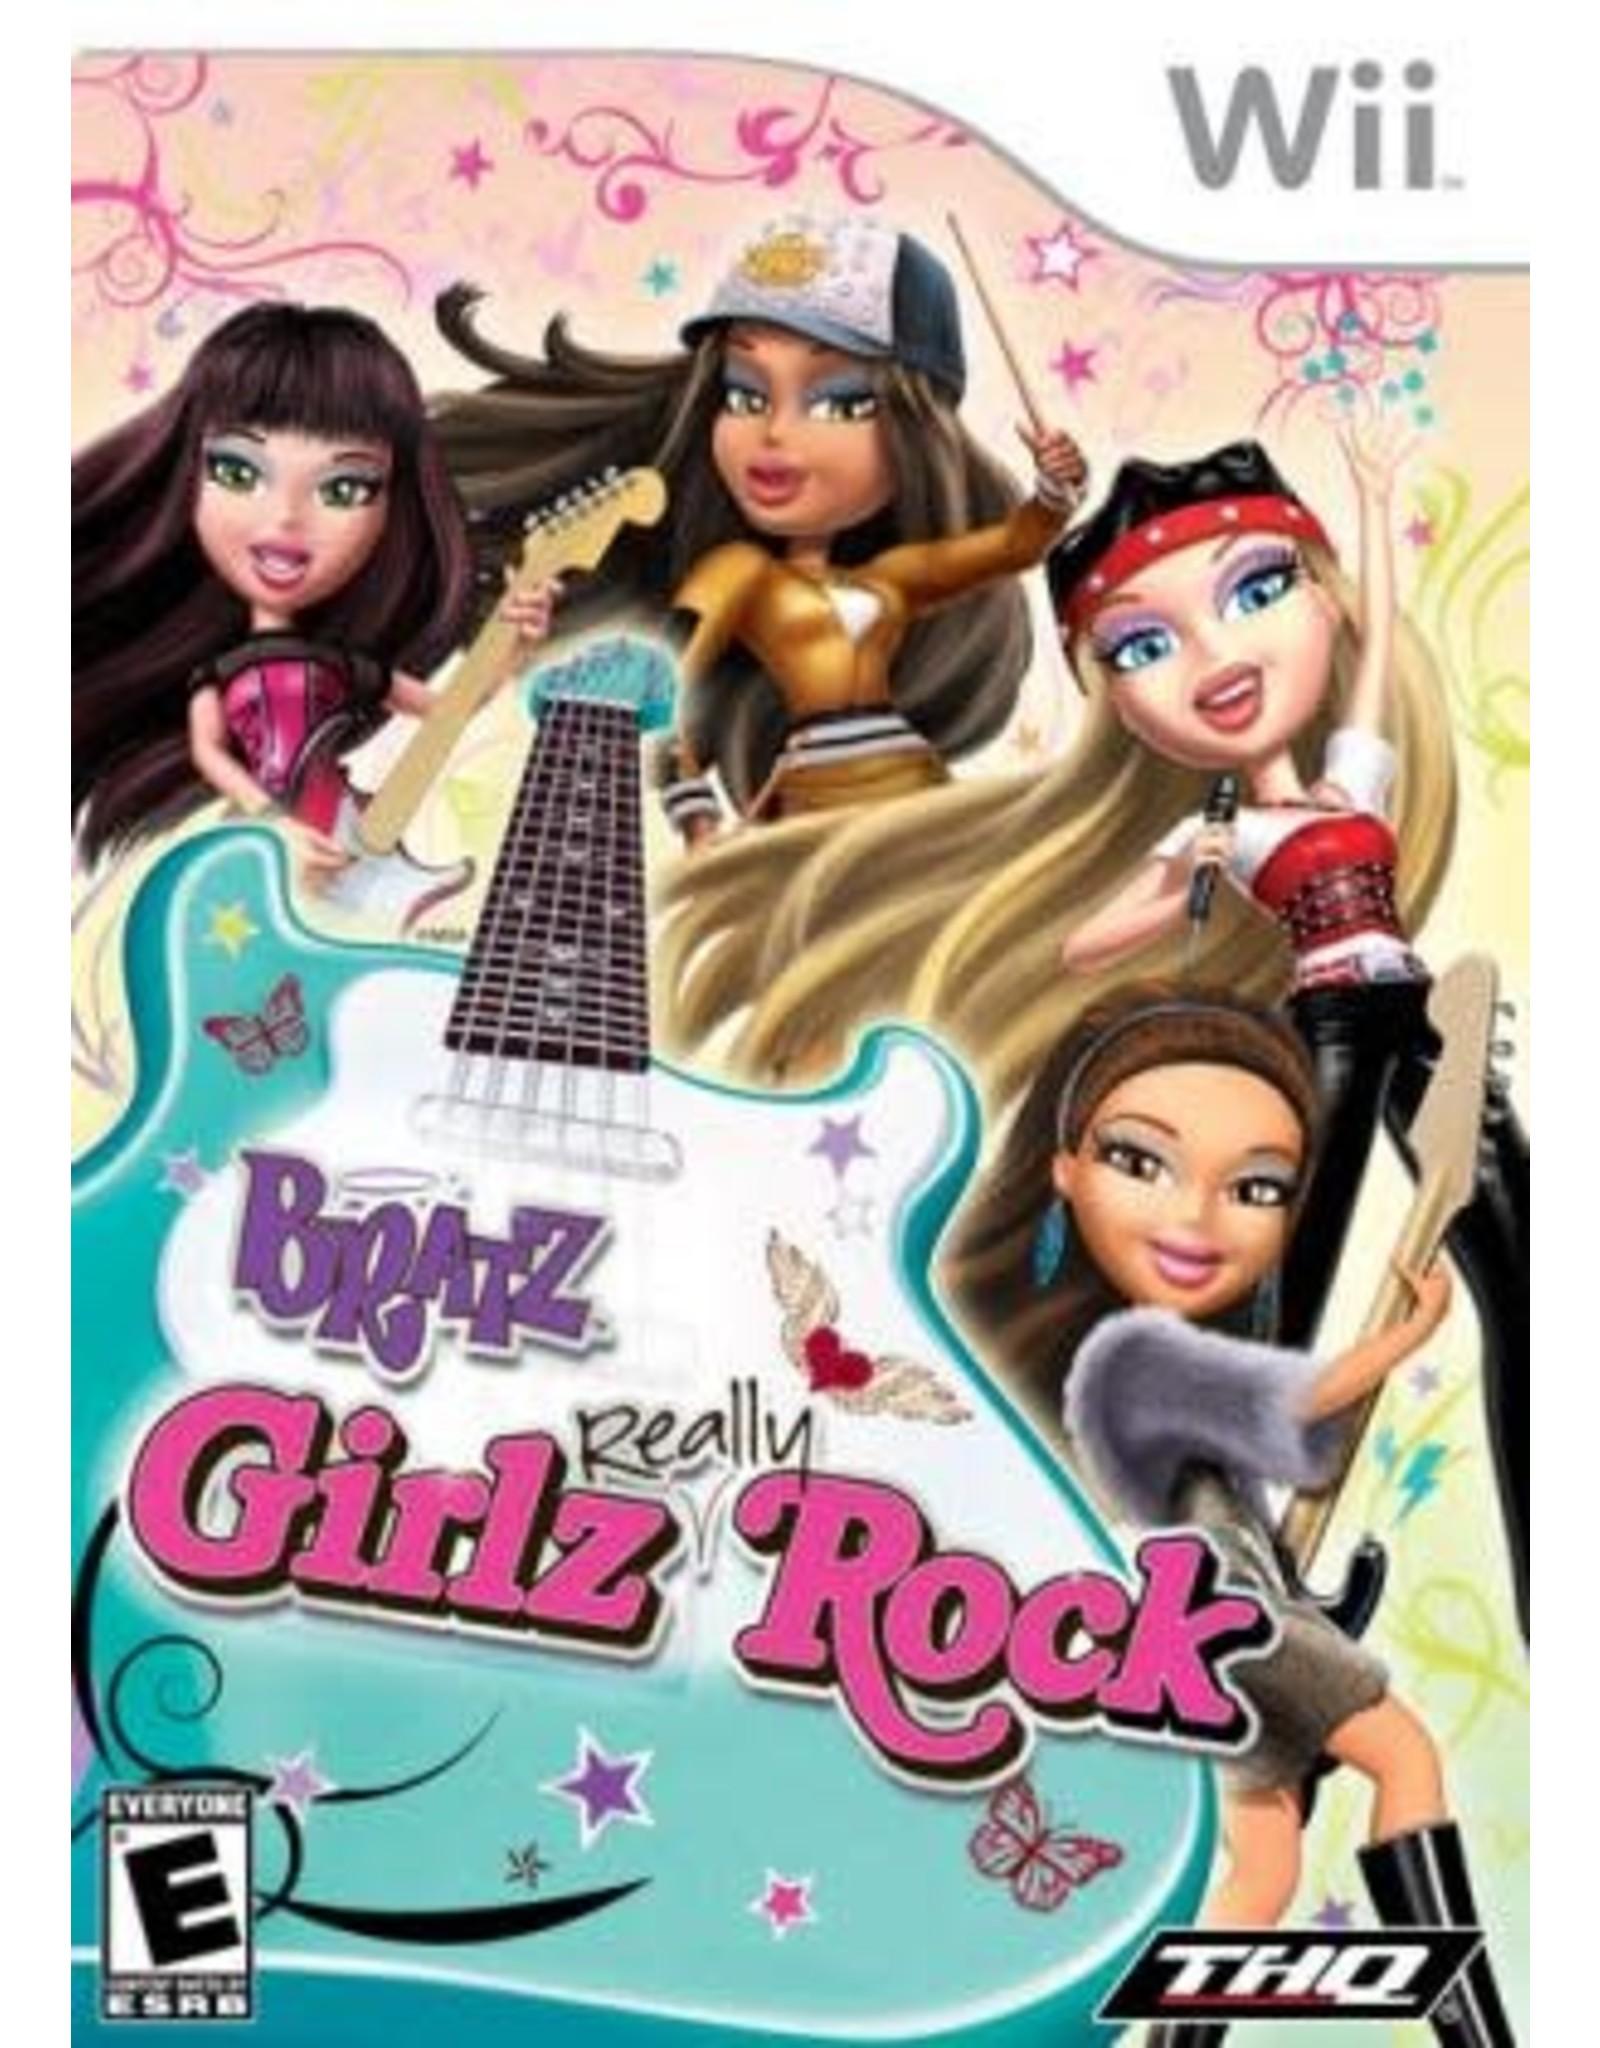 Wii Bratz: Girlz Really Rock! (CiB)